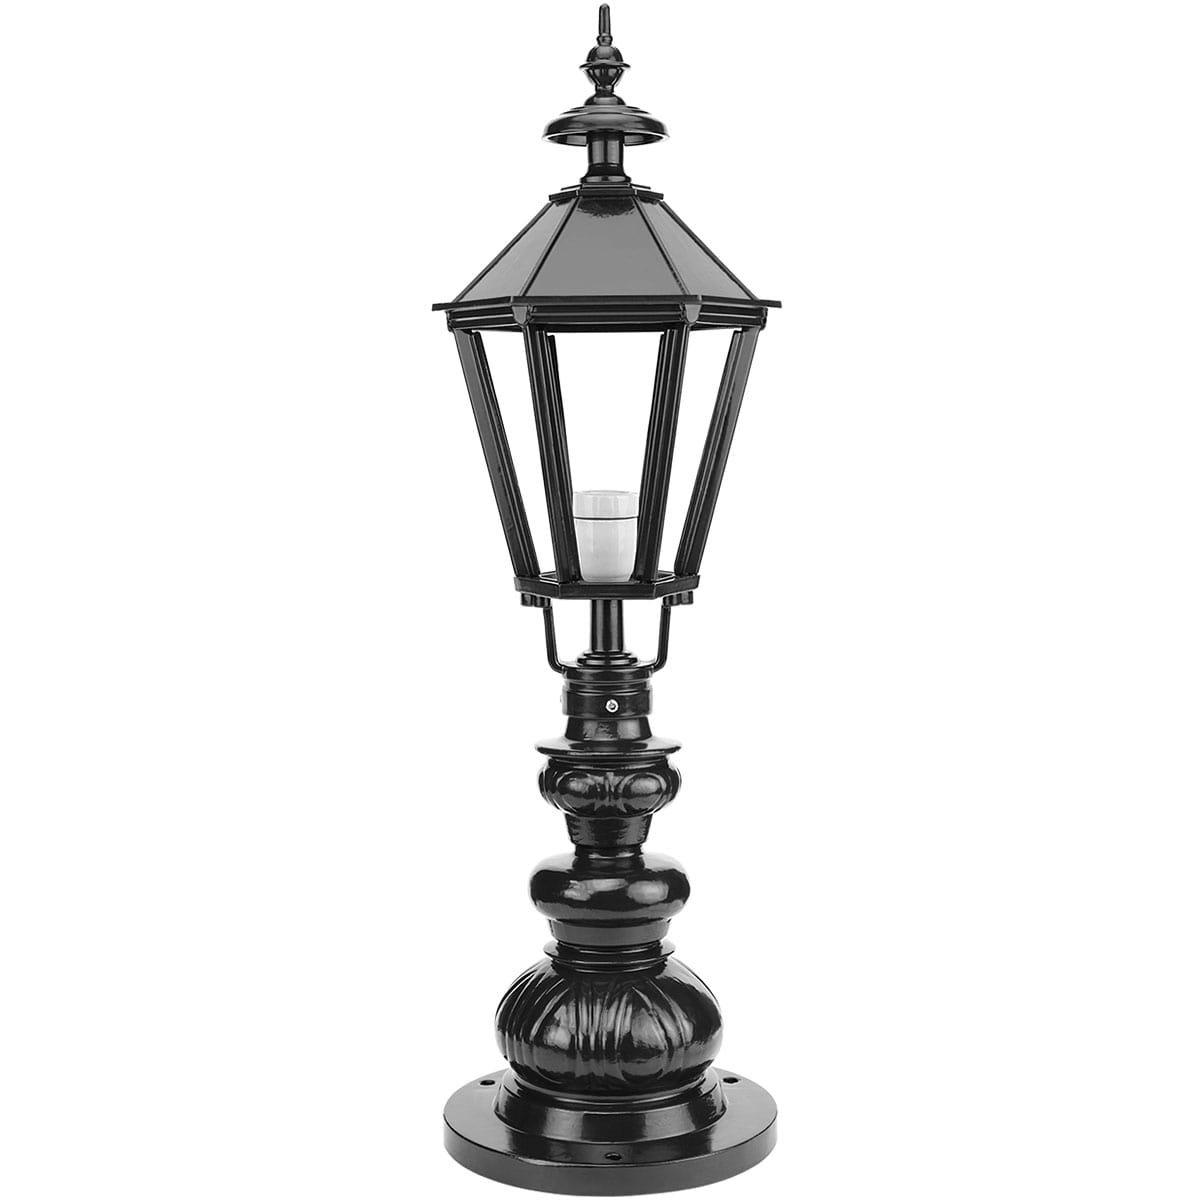 Outdoor Lighting Classic Rural Garden lantern Aalsmeer - 83 cm